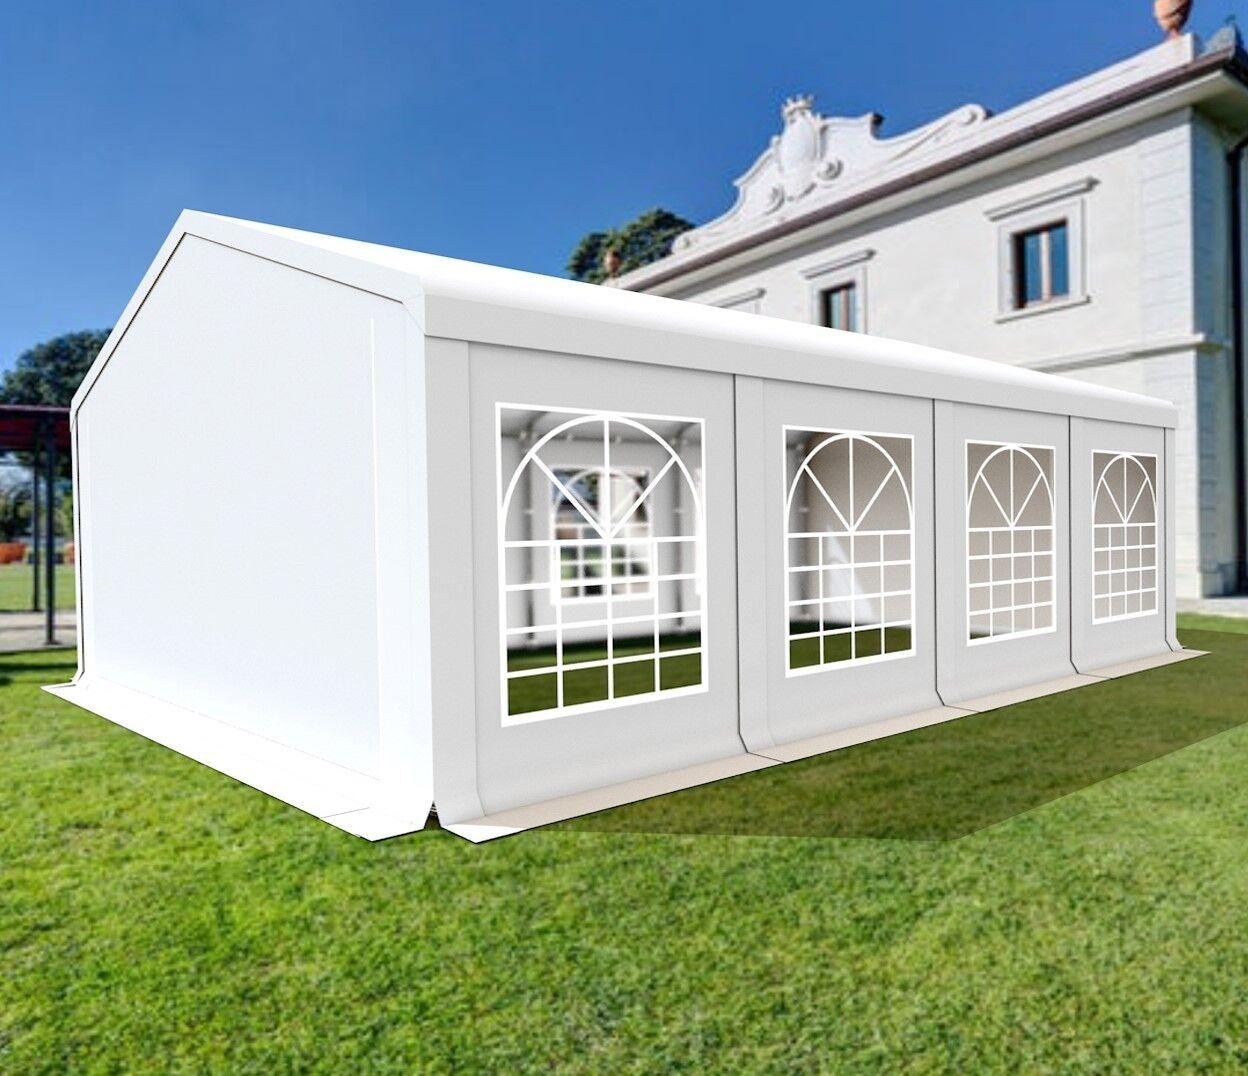 5x8 m Partyzelt Festzelt Pavillon Garten Gartenzelt Bierzelt  SMART TOP ANGEBOT | Preiszugeständnisse  | Verschiedene Stile und Stile  | Modern Und Elegant In Der Mode